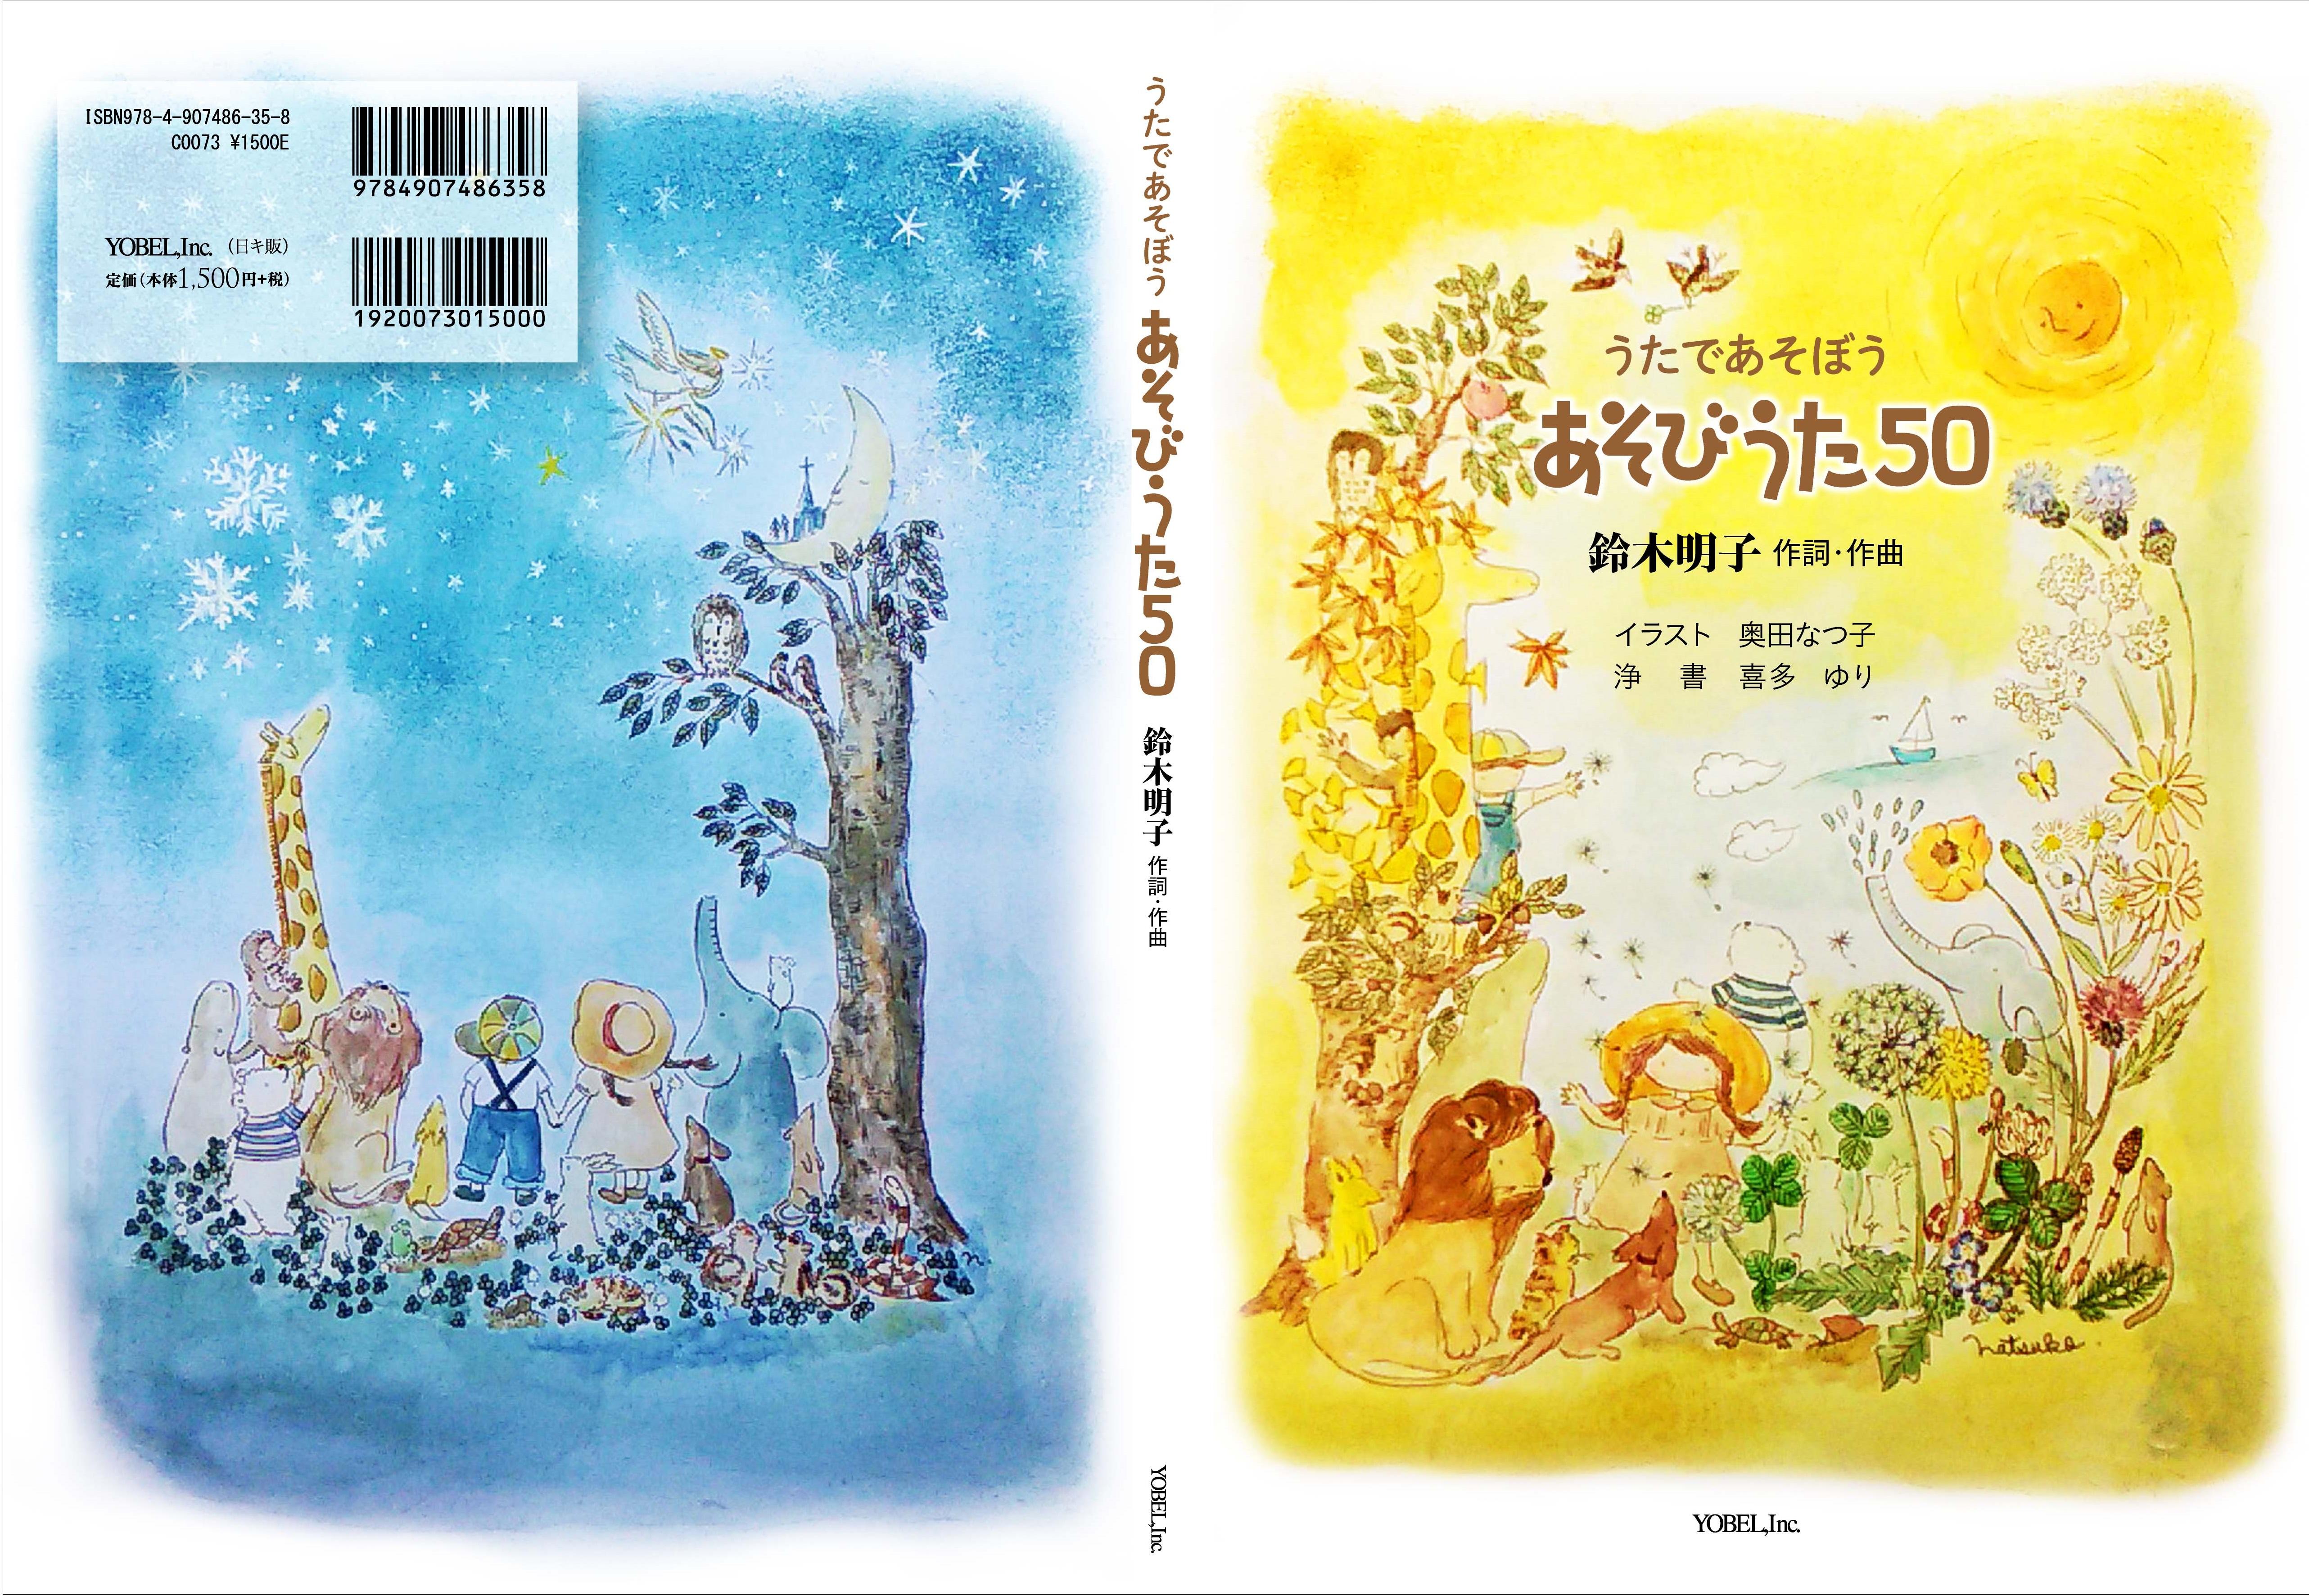 あそびうた_cover_AA.jpg